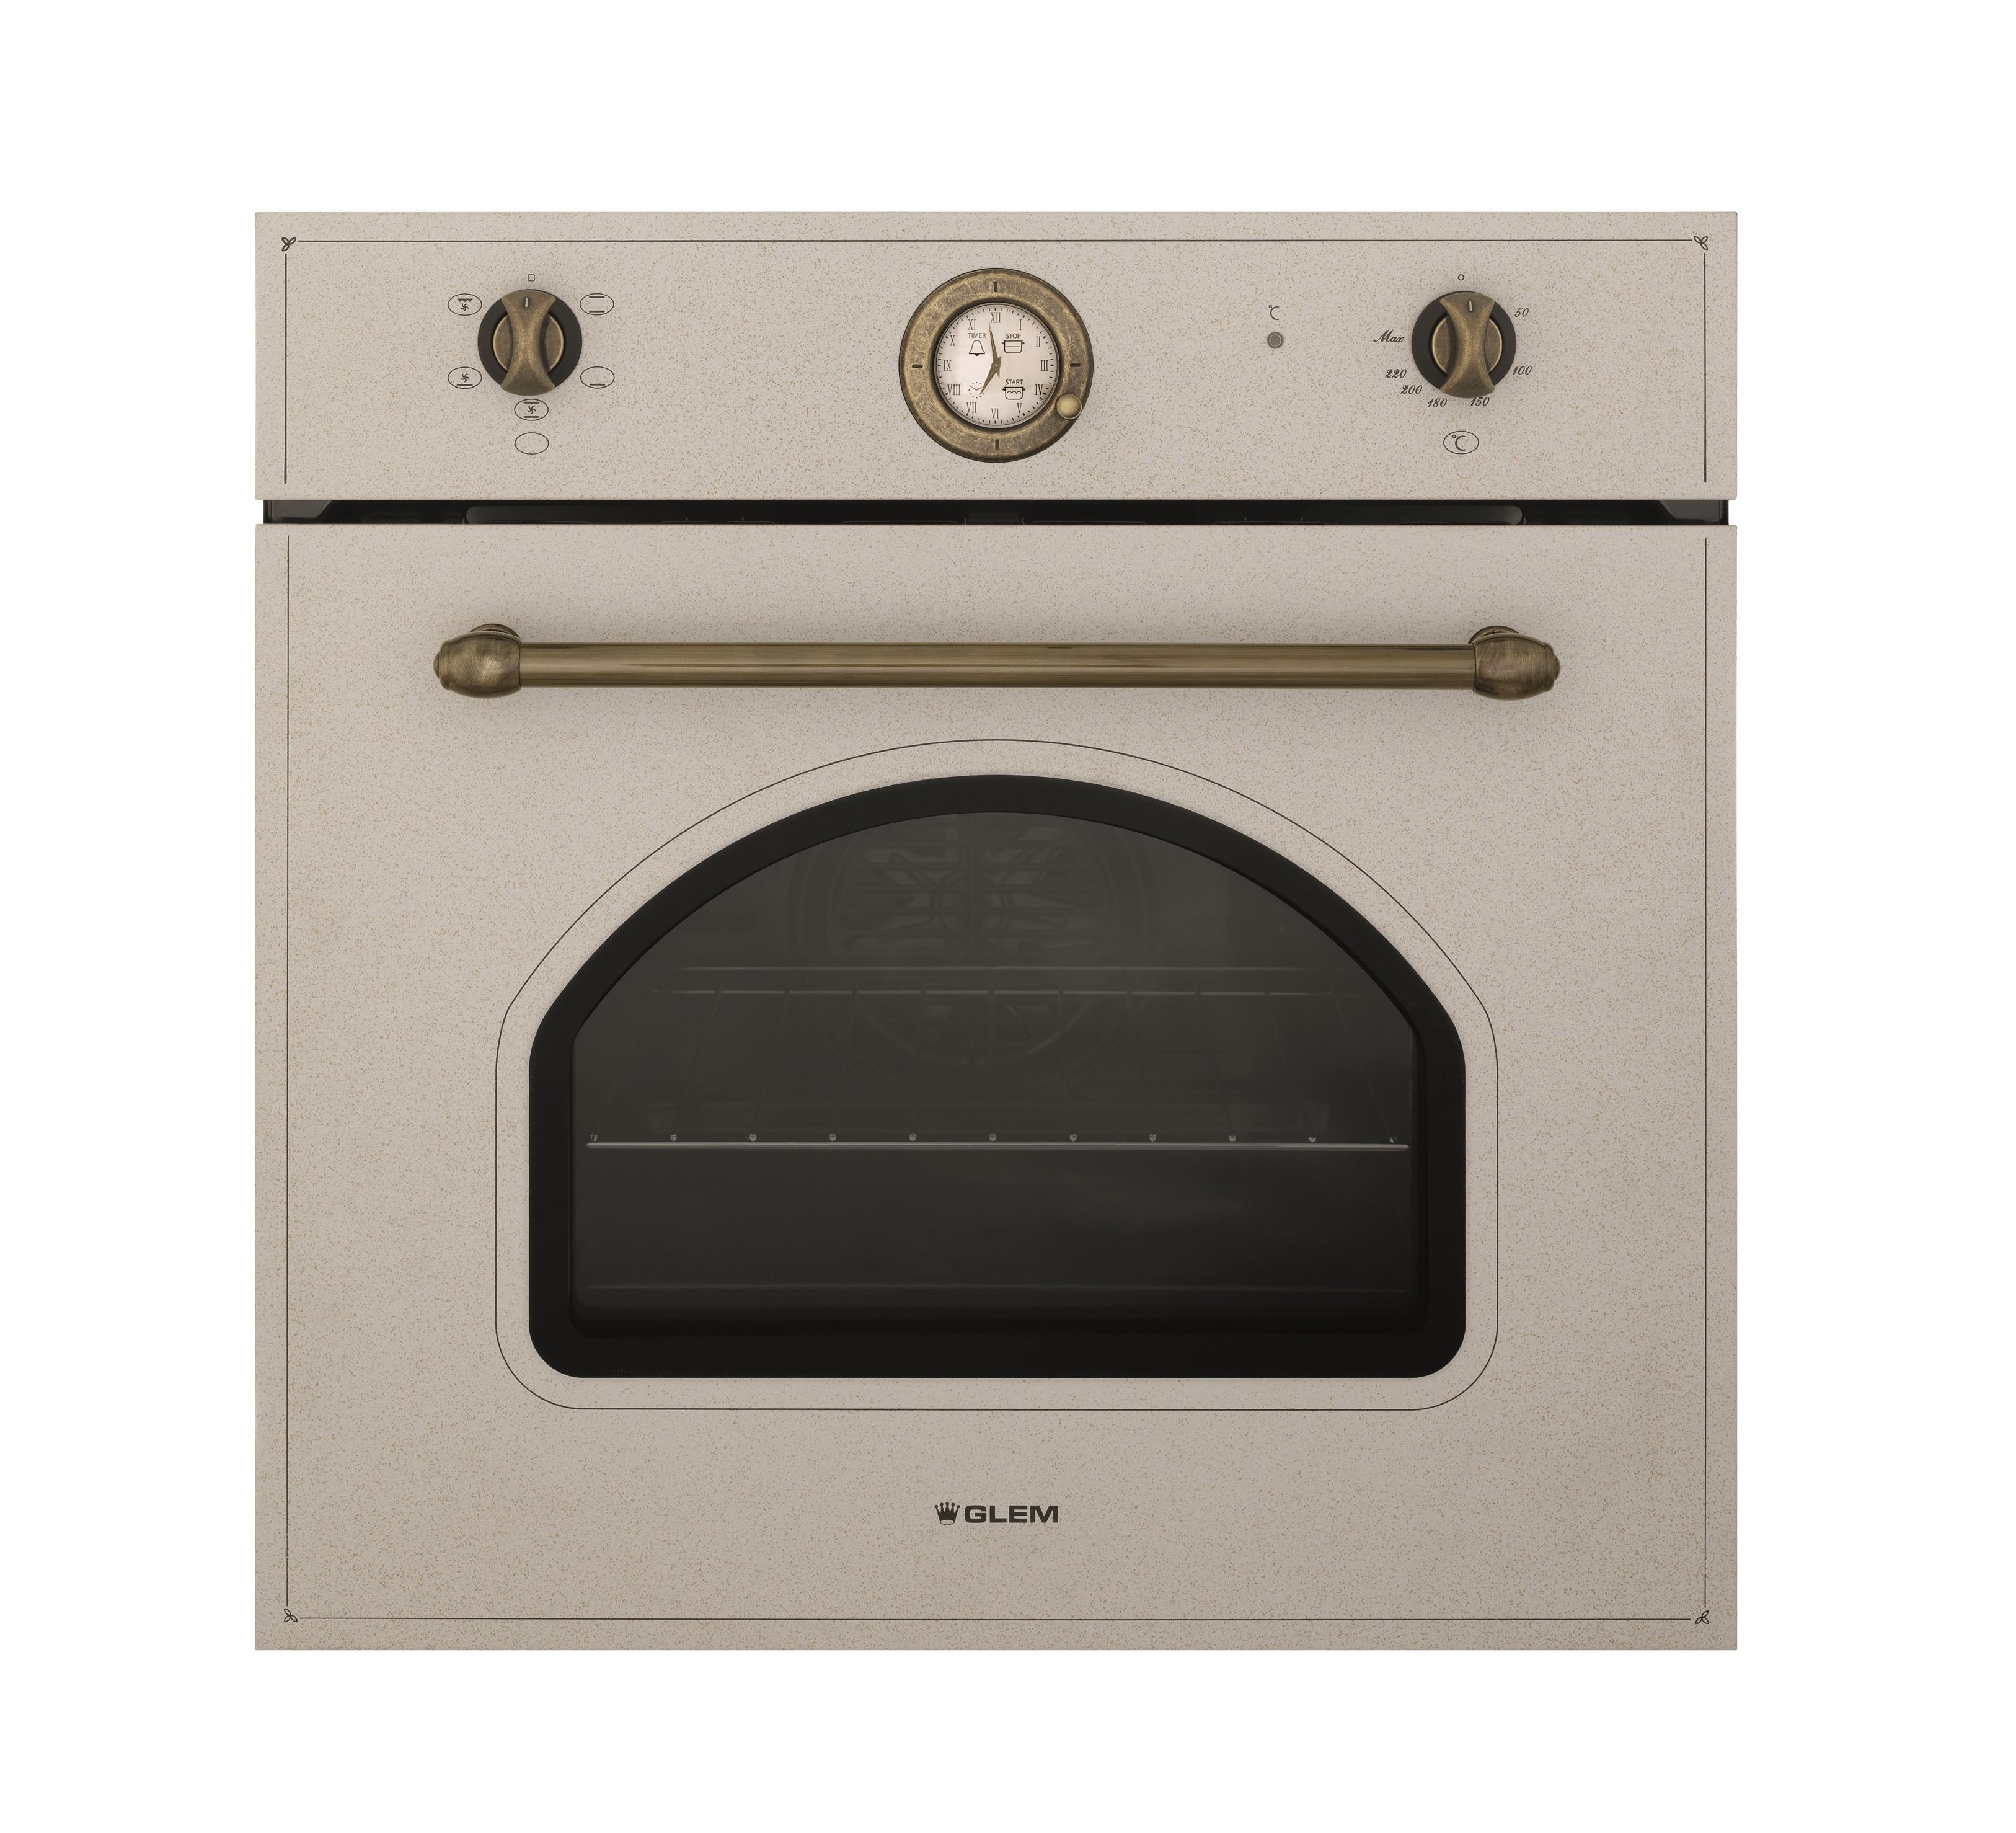 Built in oven Glem GFN54AV